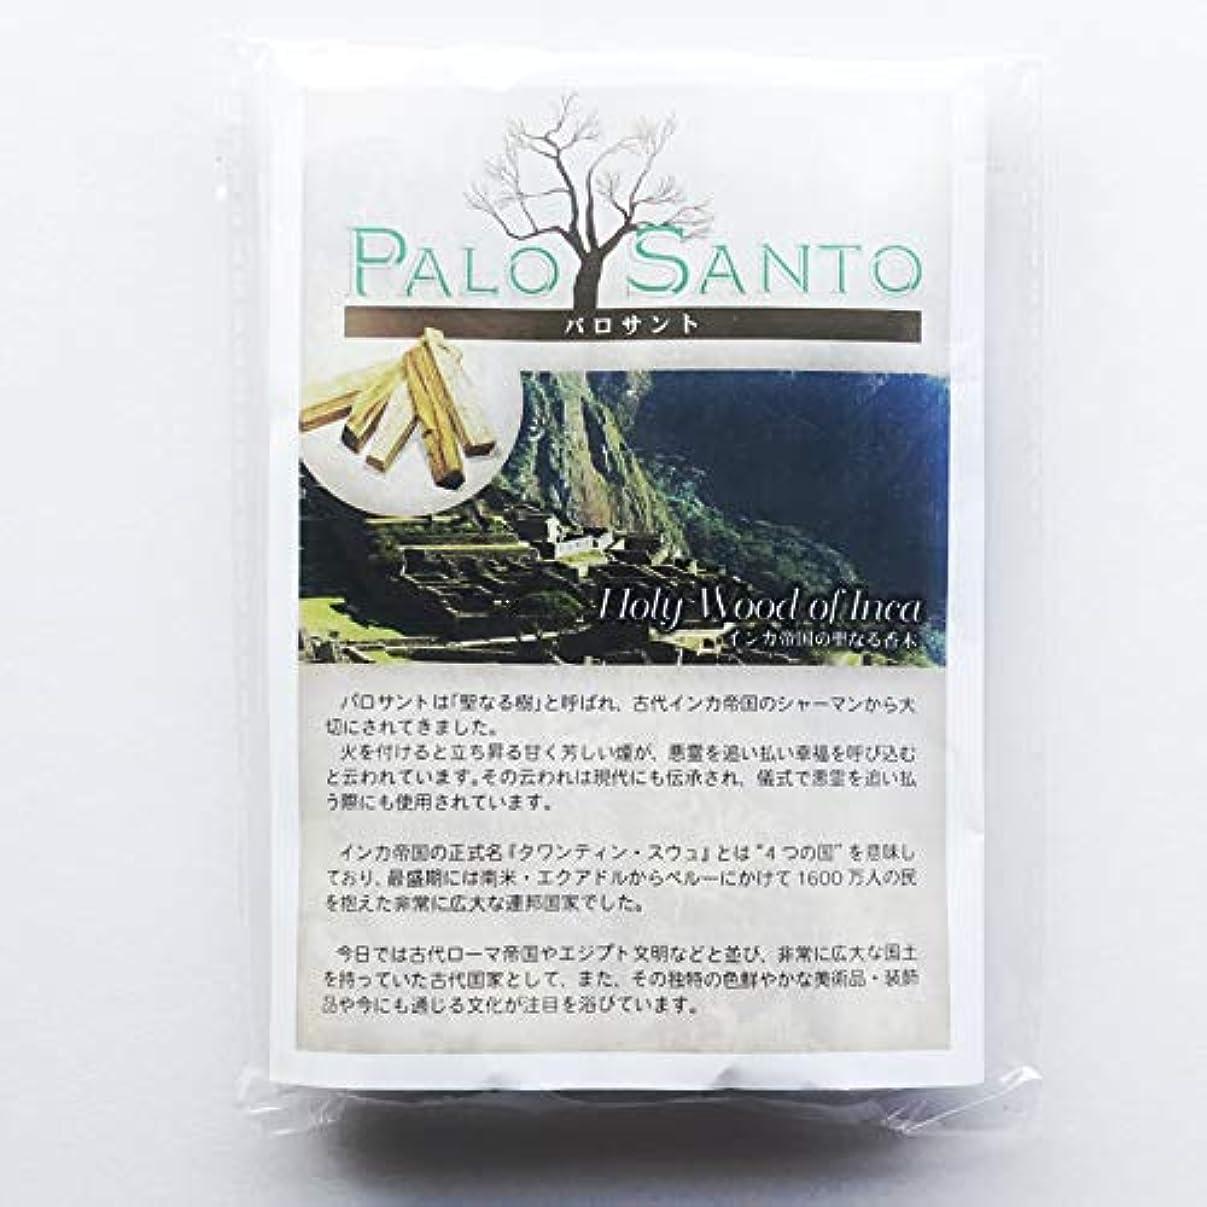 邪魔する表向きハリケーンさわやかな香りをはなつ聖なる木 5本 パロサント ホーリーウッド